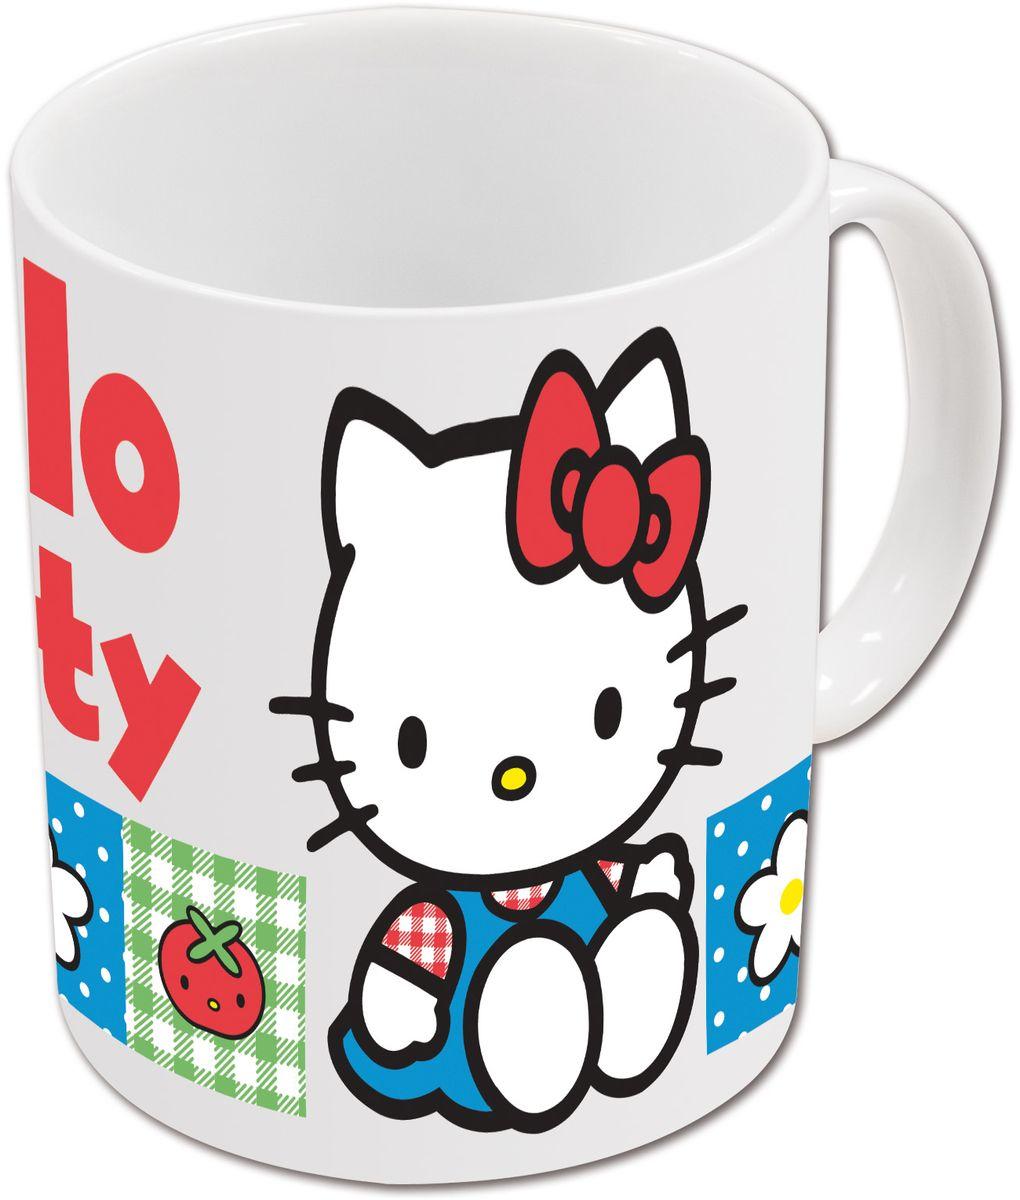 Stor Кружка детская Hello Kitty 325 мл в подарочной упаковке71376Оригинальная керамическая посуда с изображением любимых героев - прекрасный подарок для детей и взрослых. Можно использовать в СВЧ-печи и посудомоечной машине. Размер: 9 х 10,5 см. Вес: 0,37 кг.